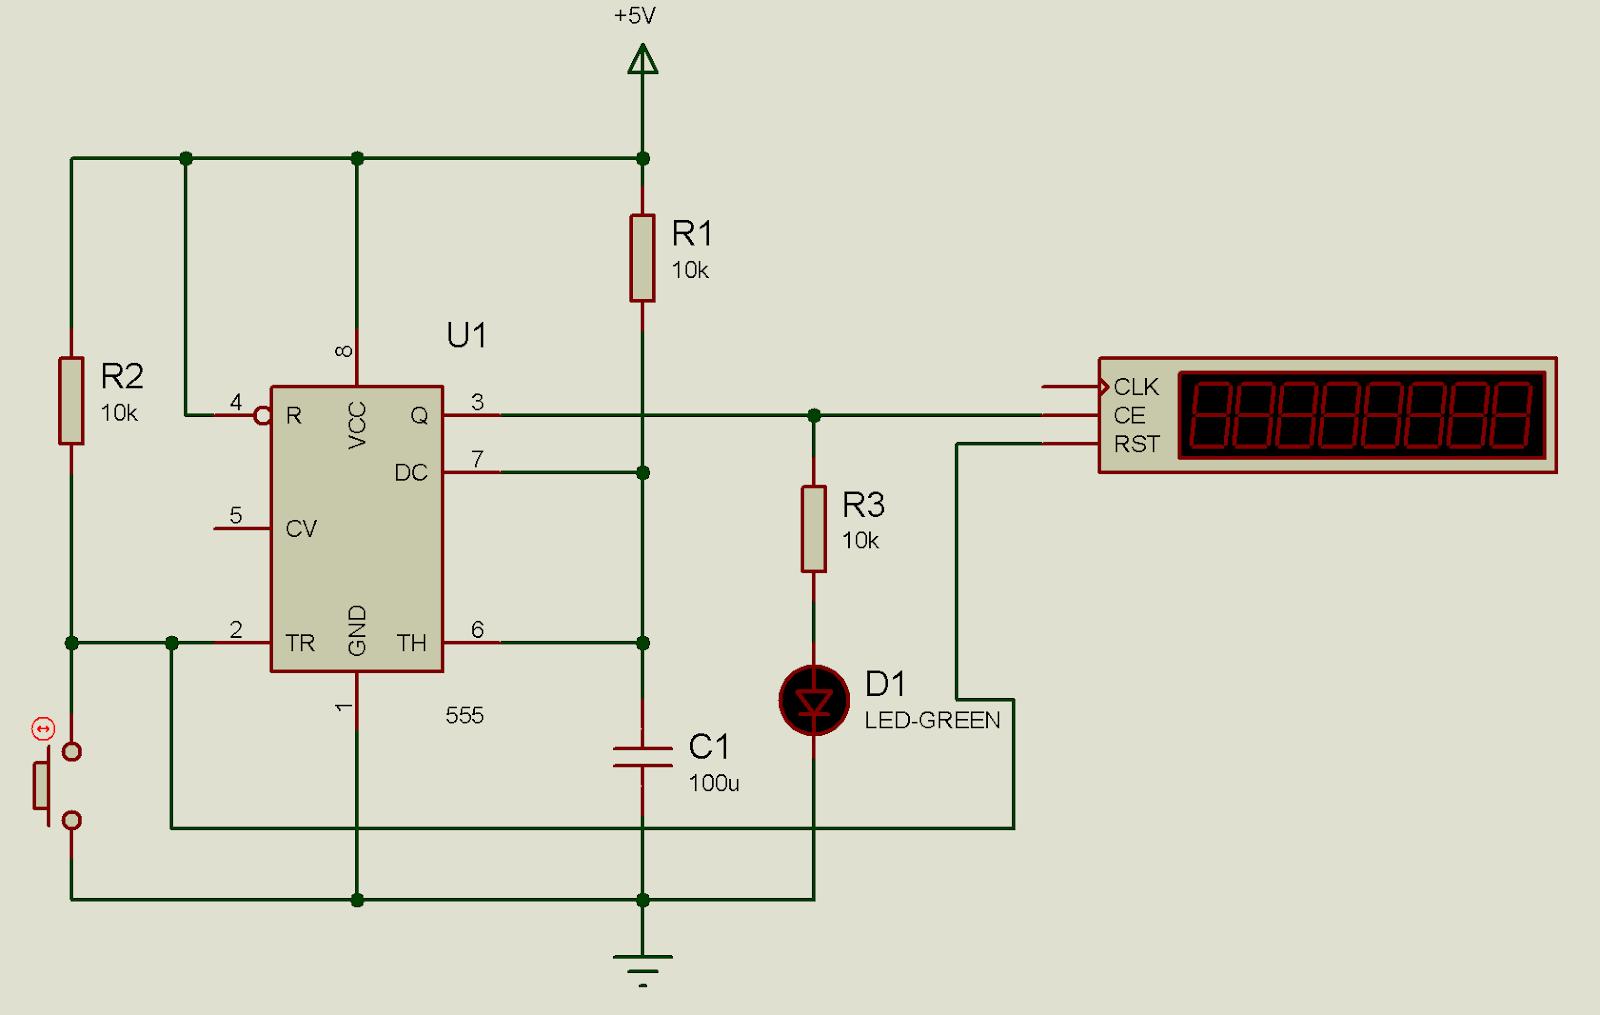 Electronica Digital Laboratorio 6 De Electrnica Temporizador 555 Descarga Calculador Frecuencia Compruebe Utilizando El Osciloscopio Y Contador Tiempo Incorporado En Simulador